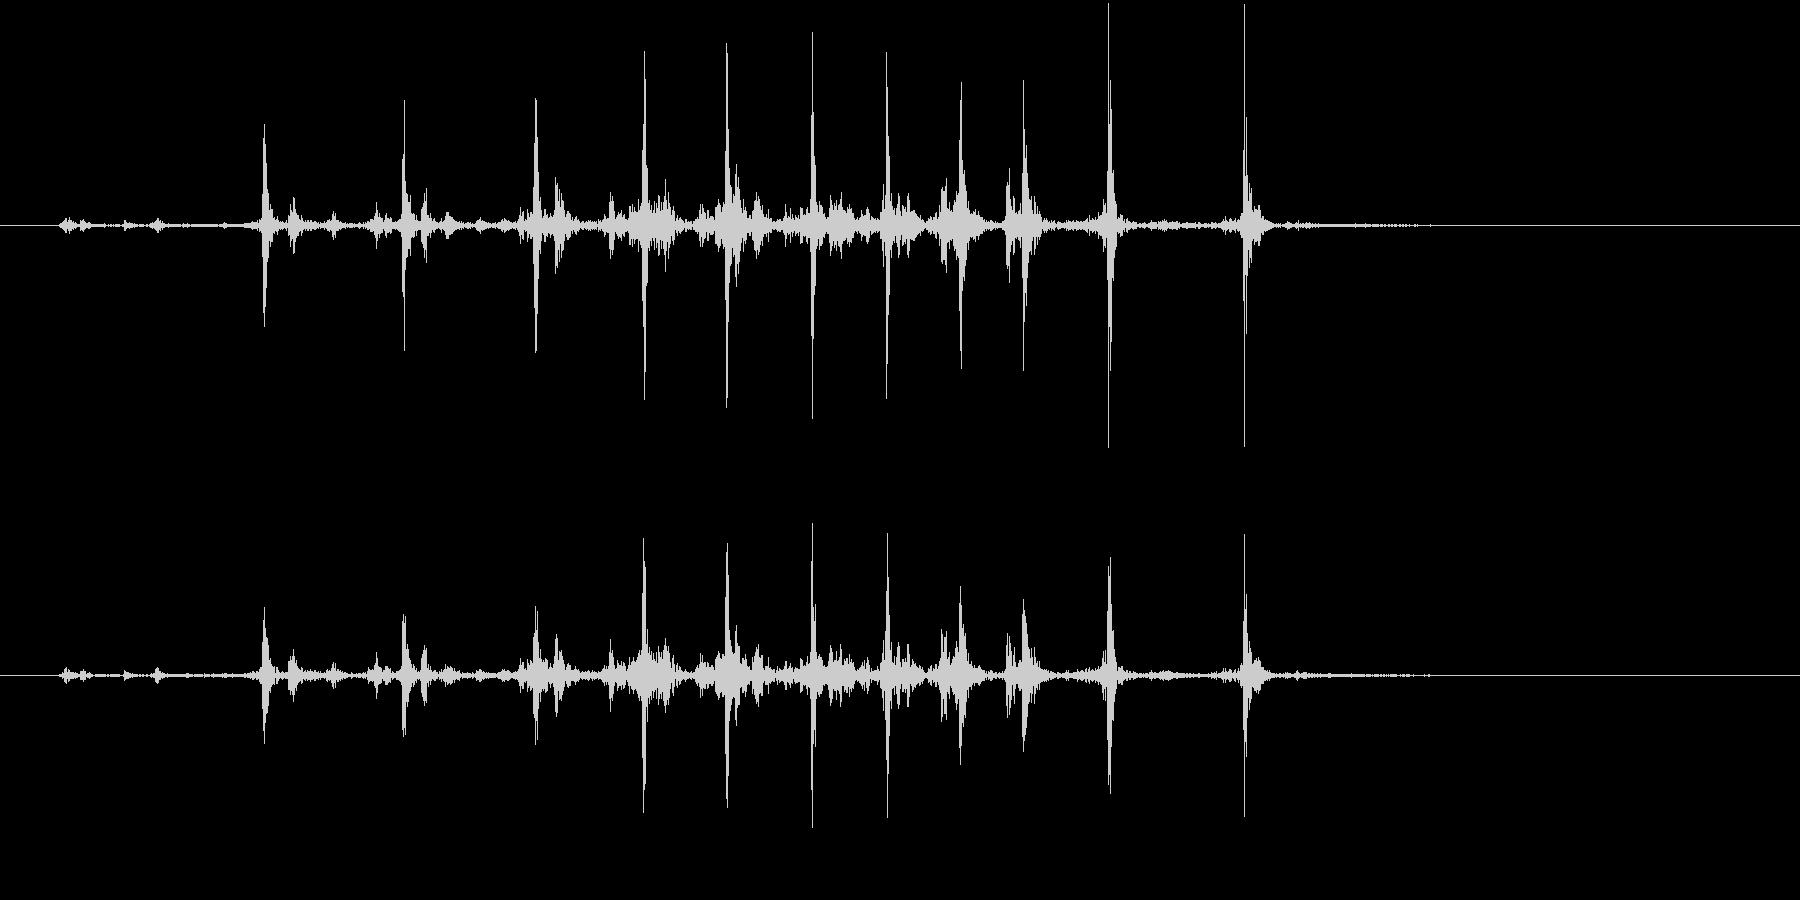 【生録音】カッターナイフの音 22の未再生の波形